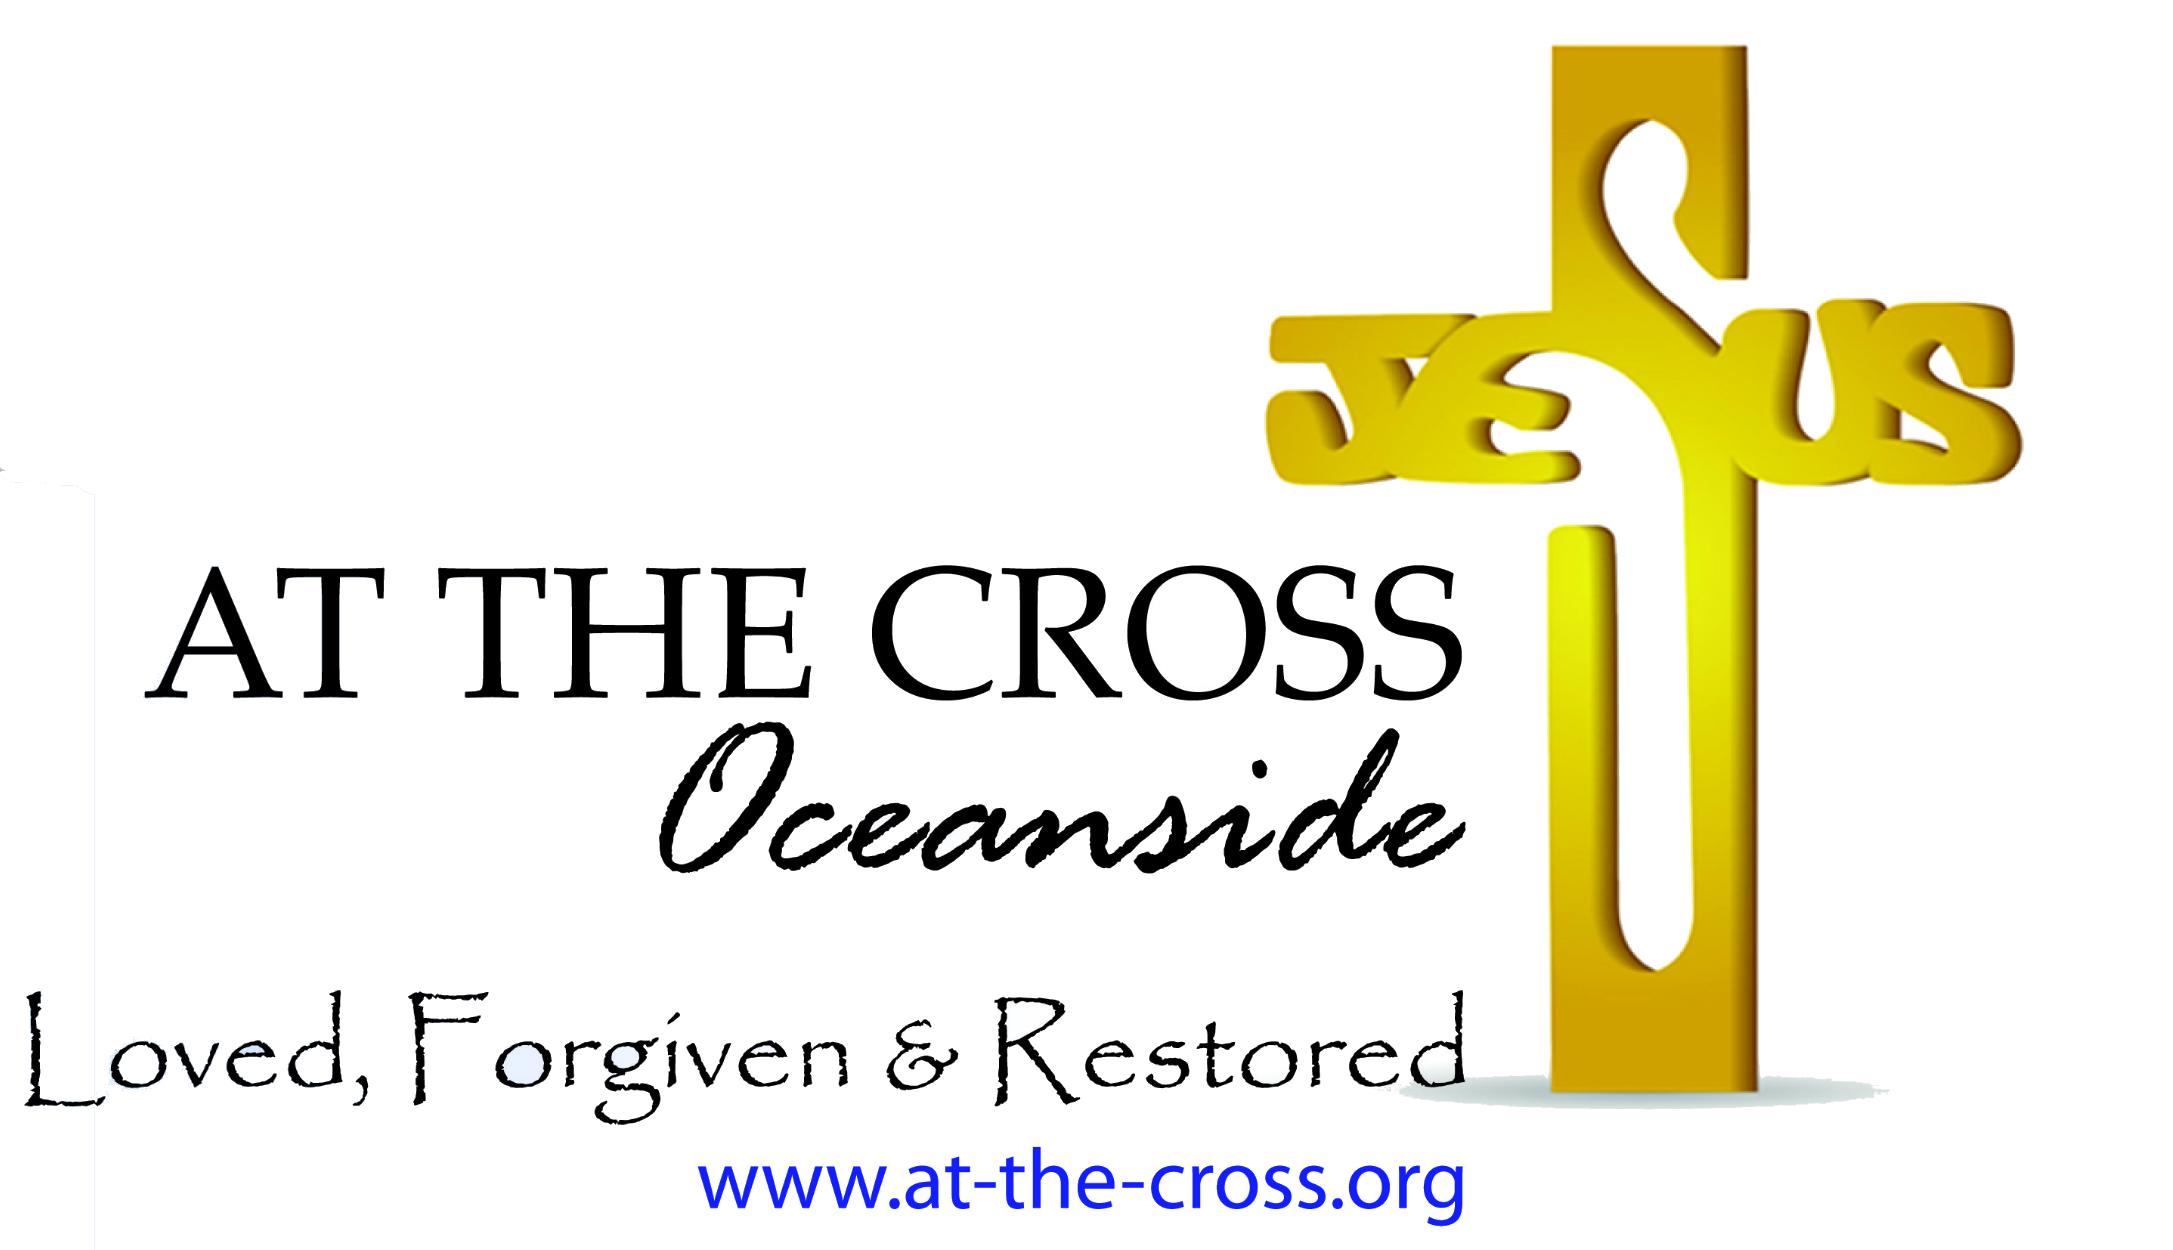 At The Cross Oceanside church of Oceanside, CA